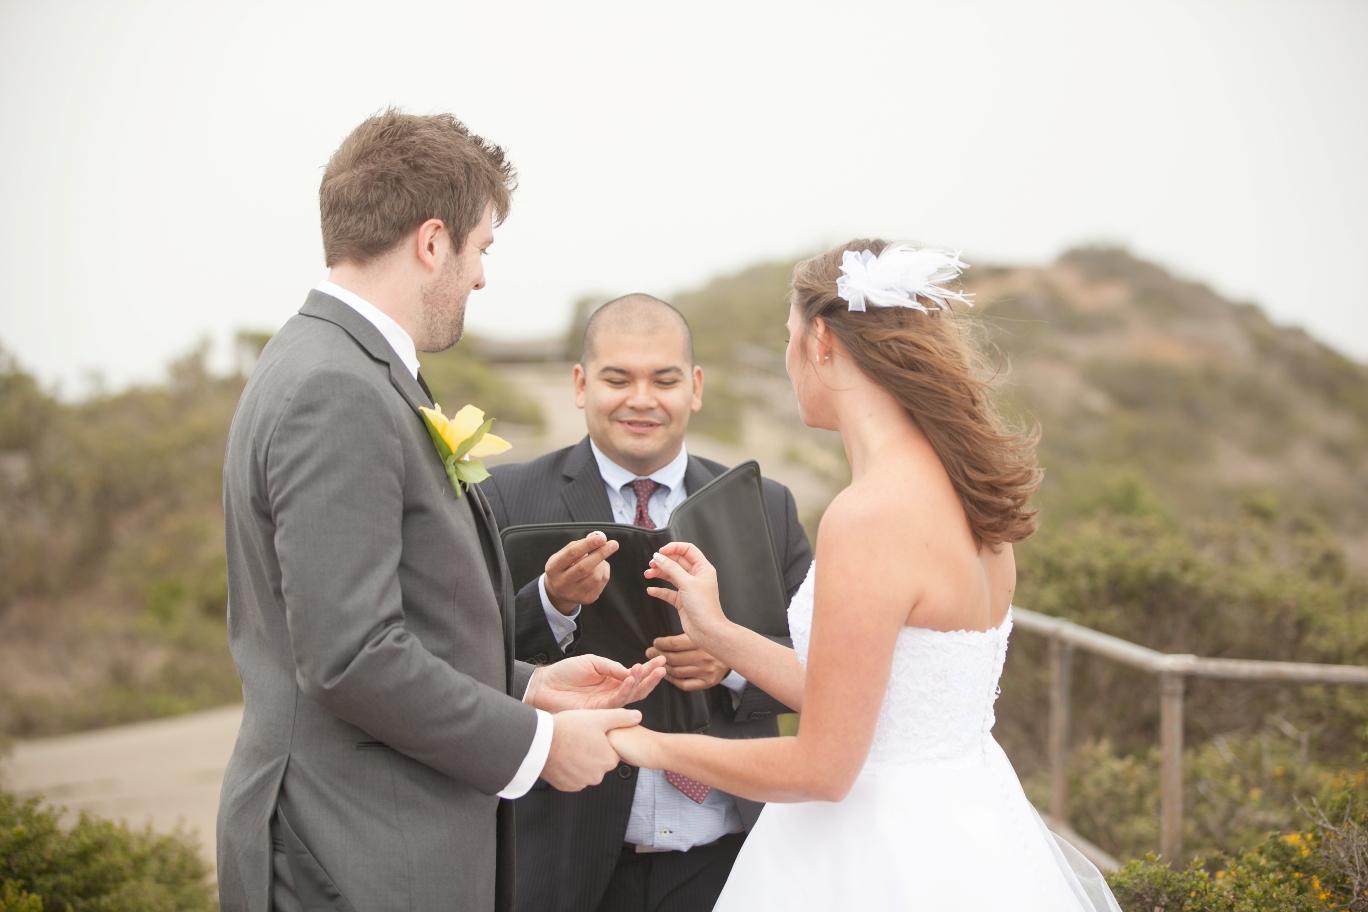 Elopement Ceremonies For Weddings And Vow Renewals